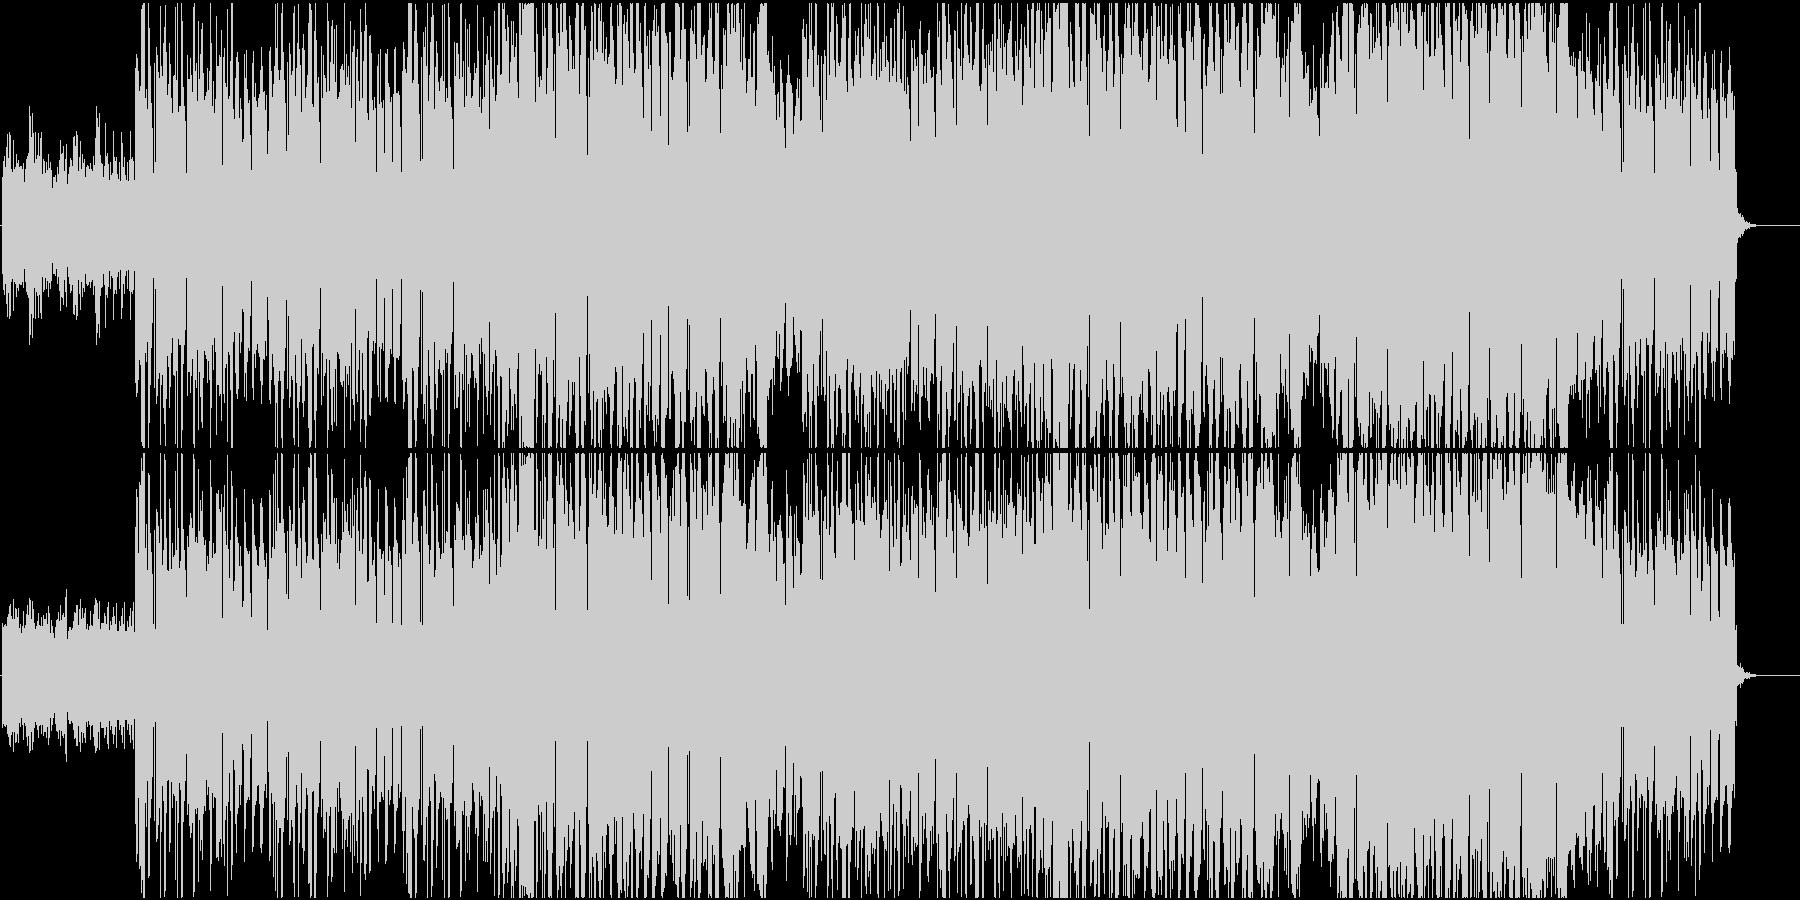 ネオソウルやR&B系の曲の未再生の波形